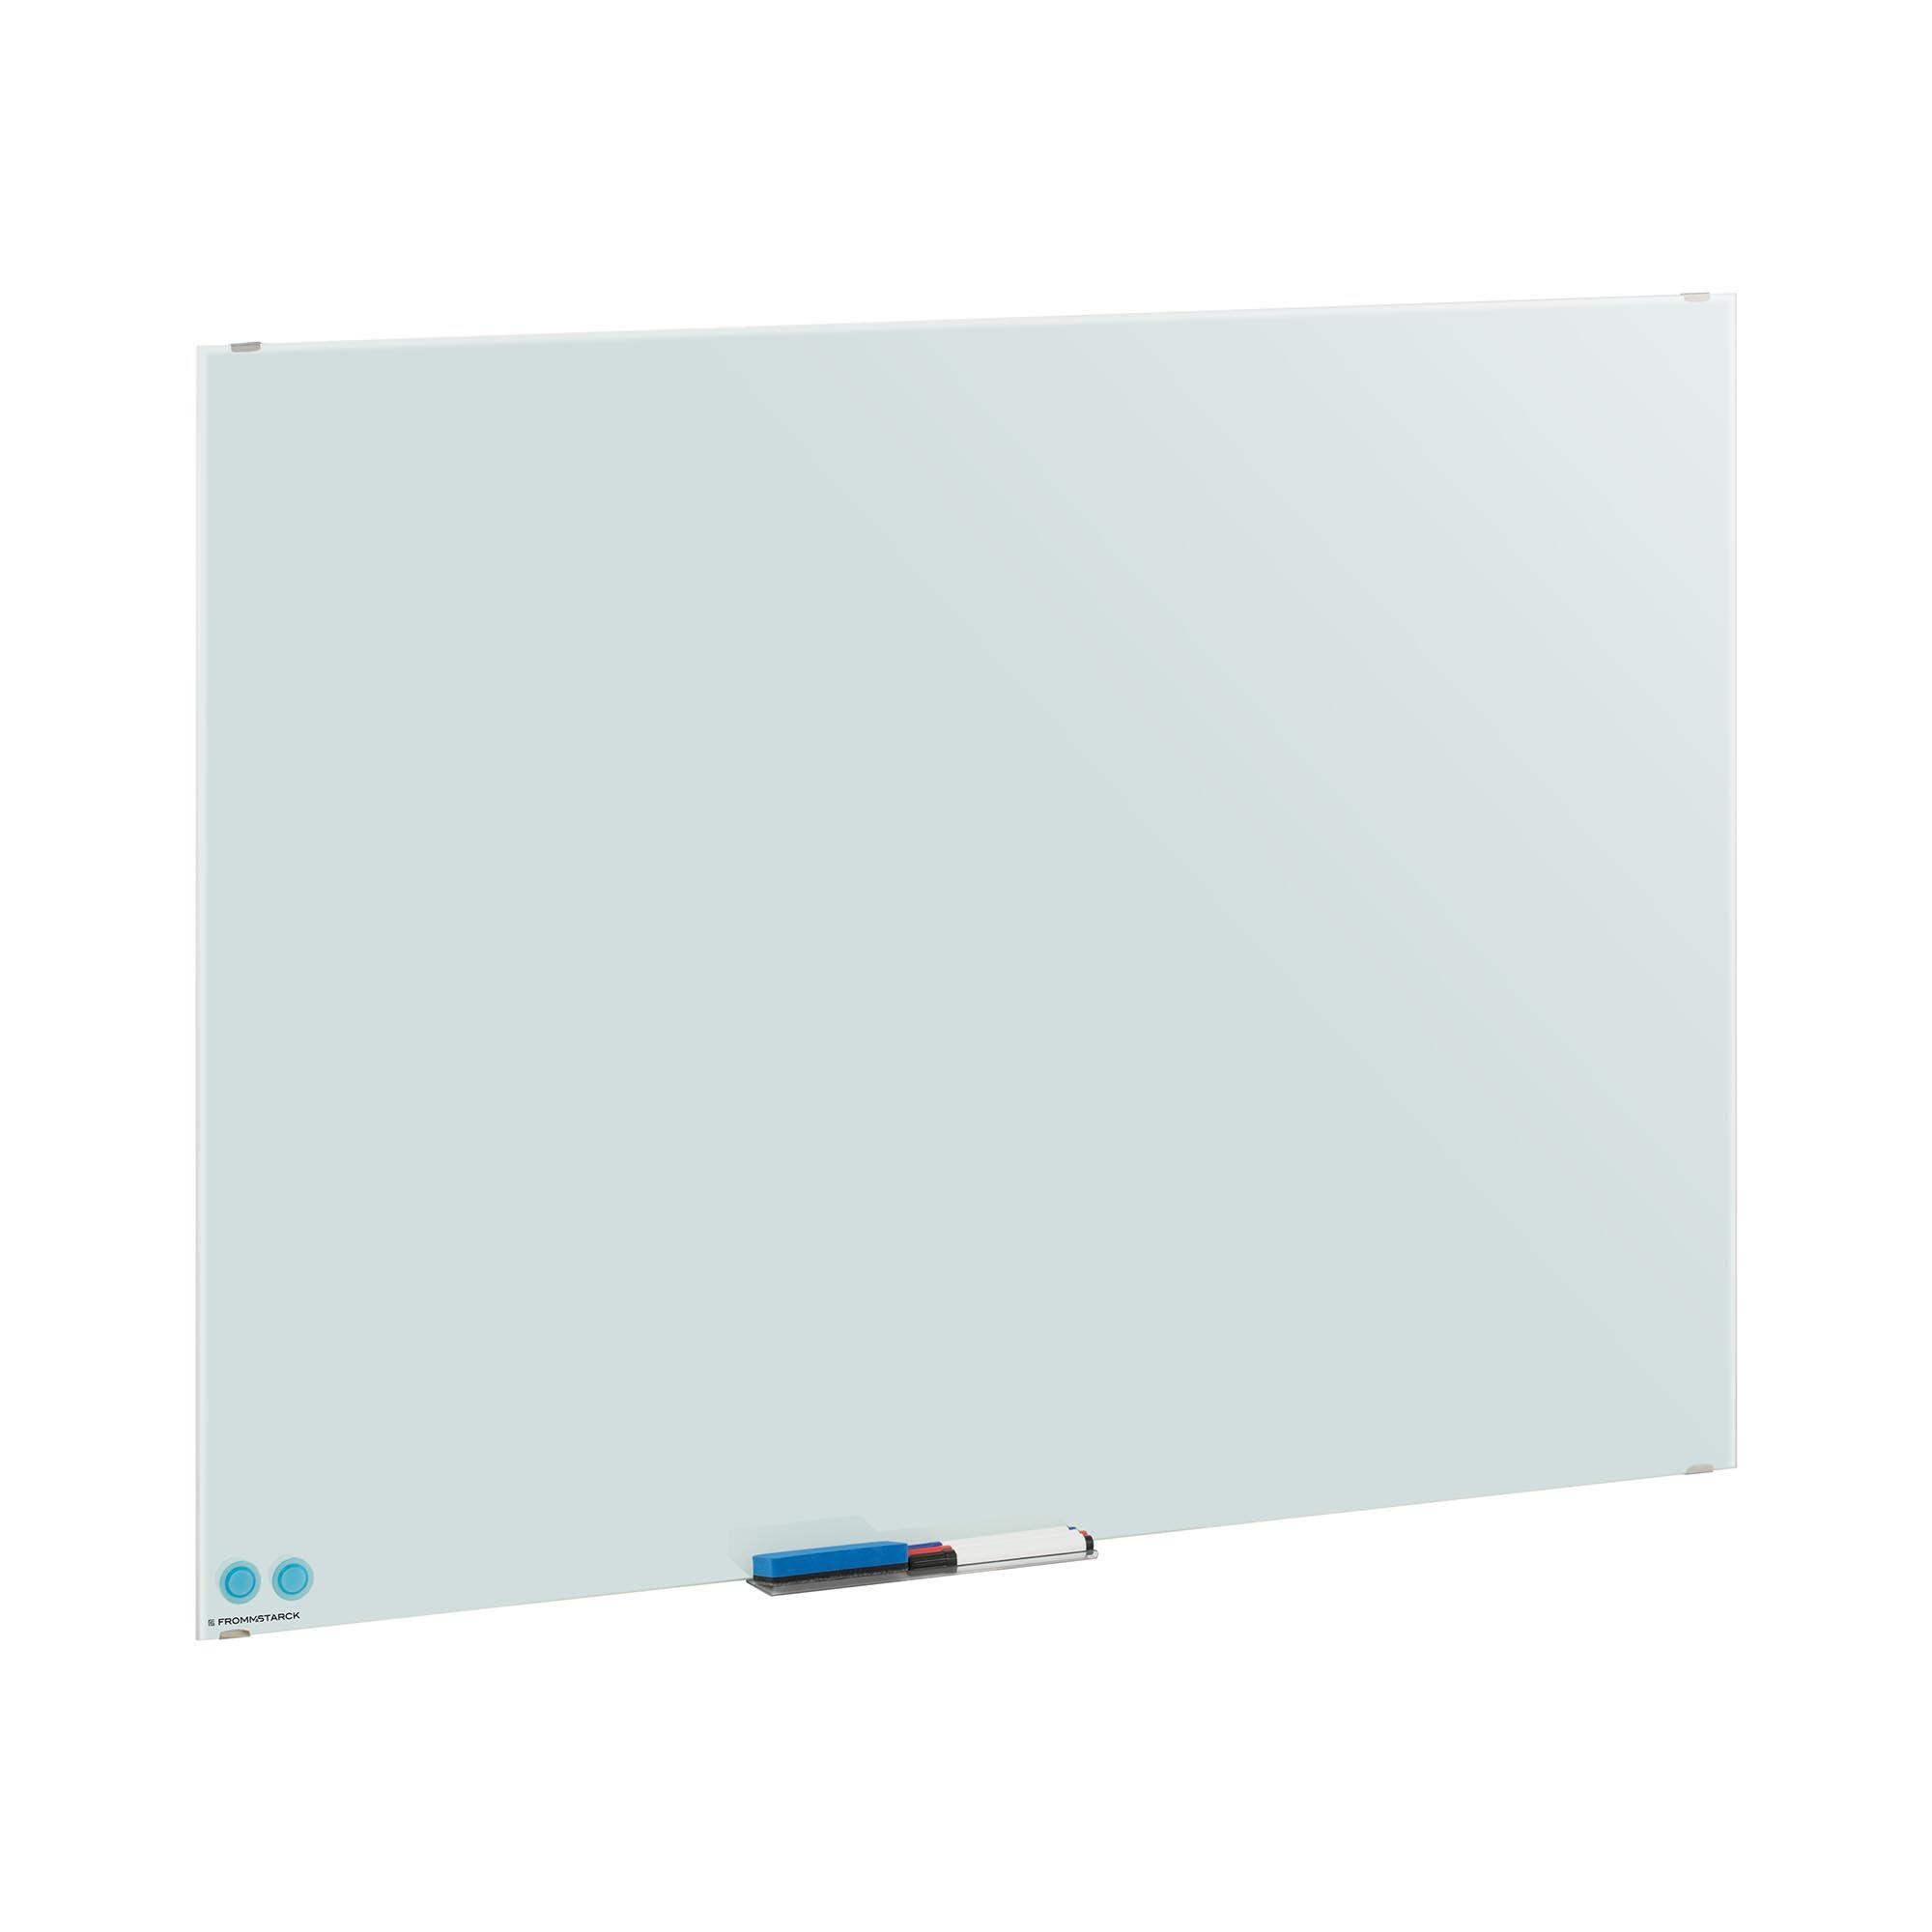 fromm & starck lavagna magnetica bianca per pennarelli - 90 x 120 x 0,4 star_wbm_06